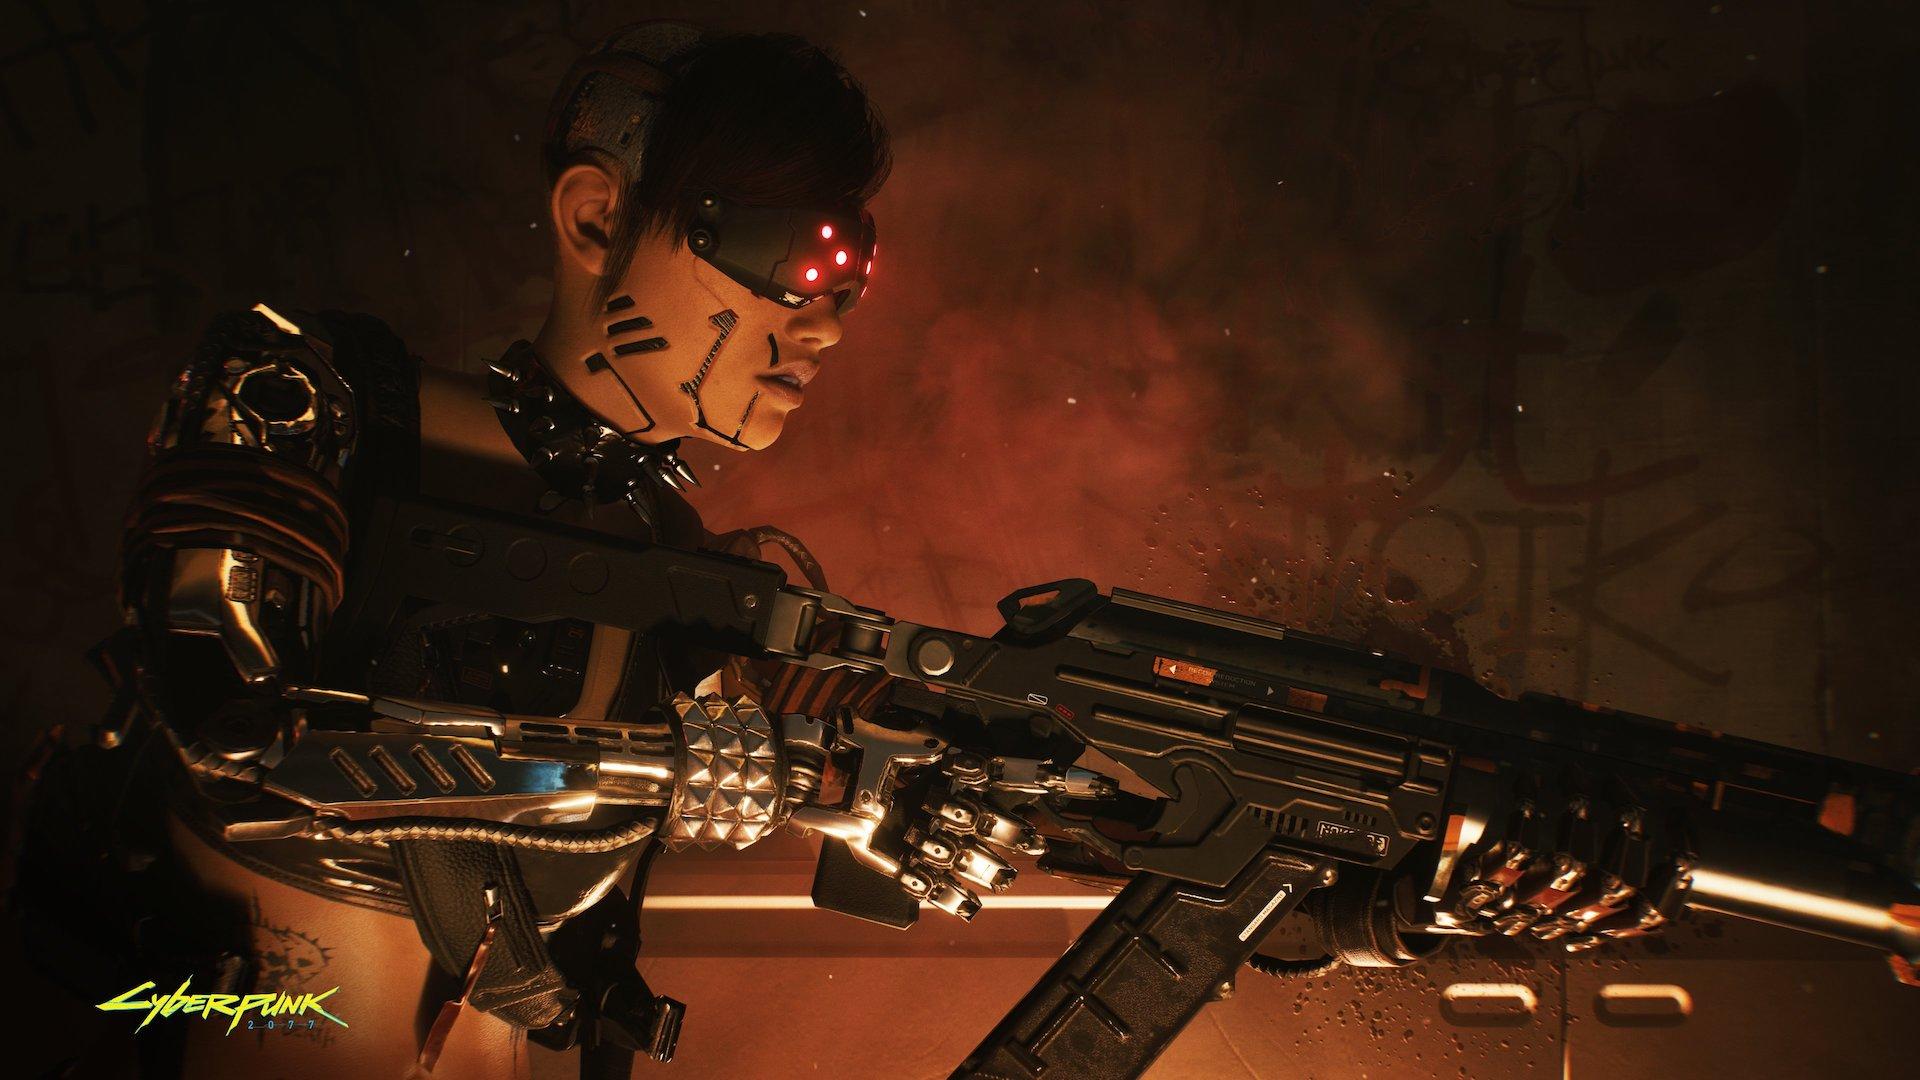 《赛博朋克2077》新情报 各种能力和赛博改装介绍